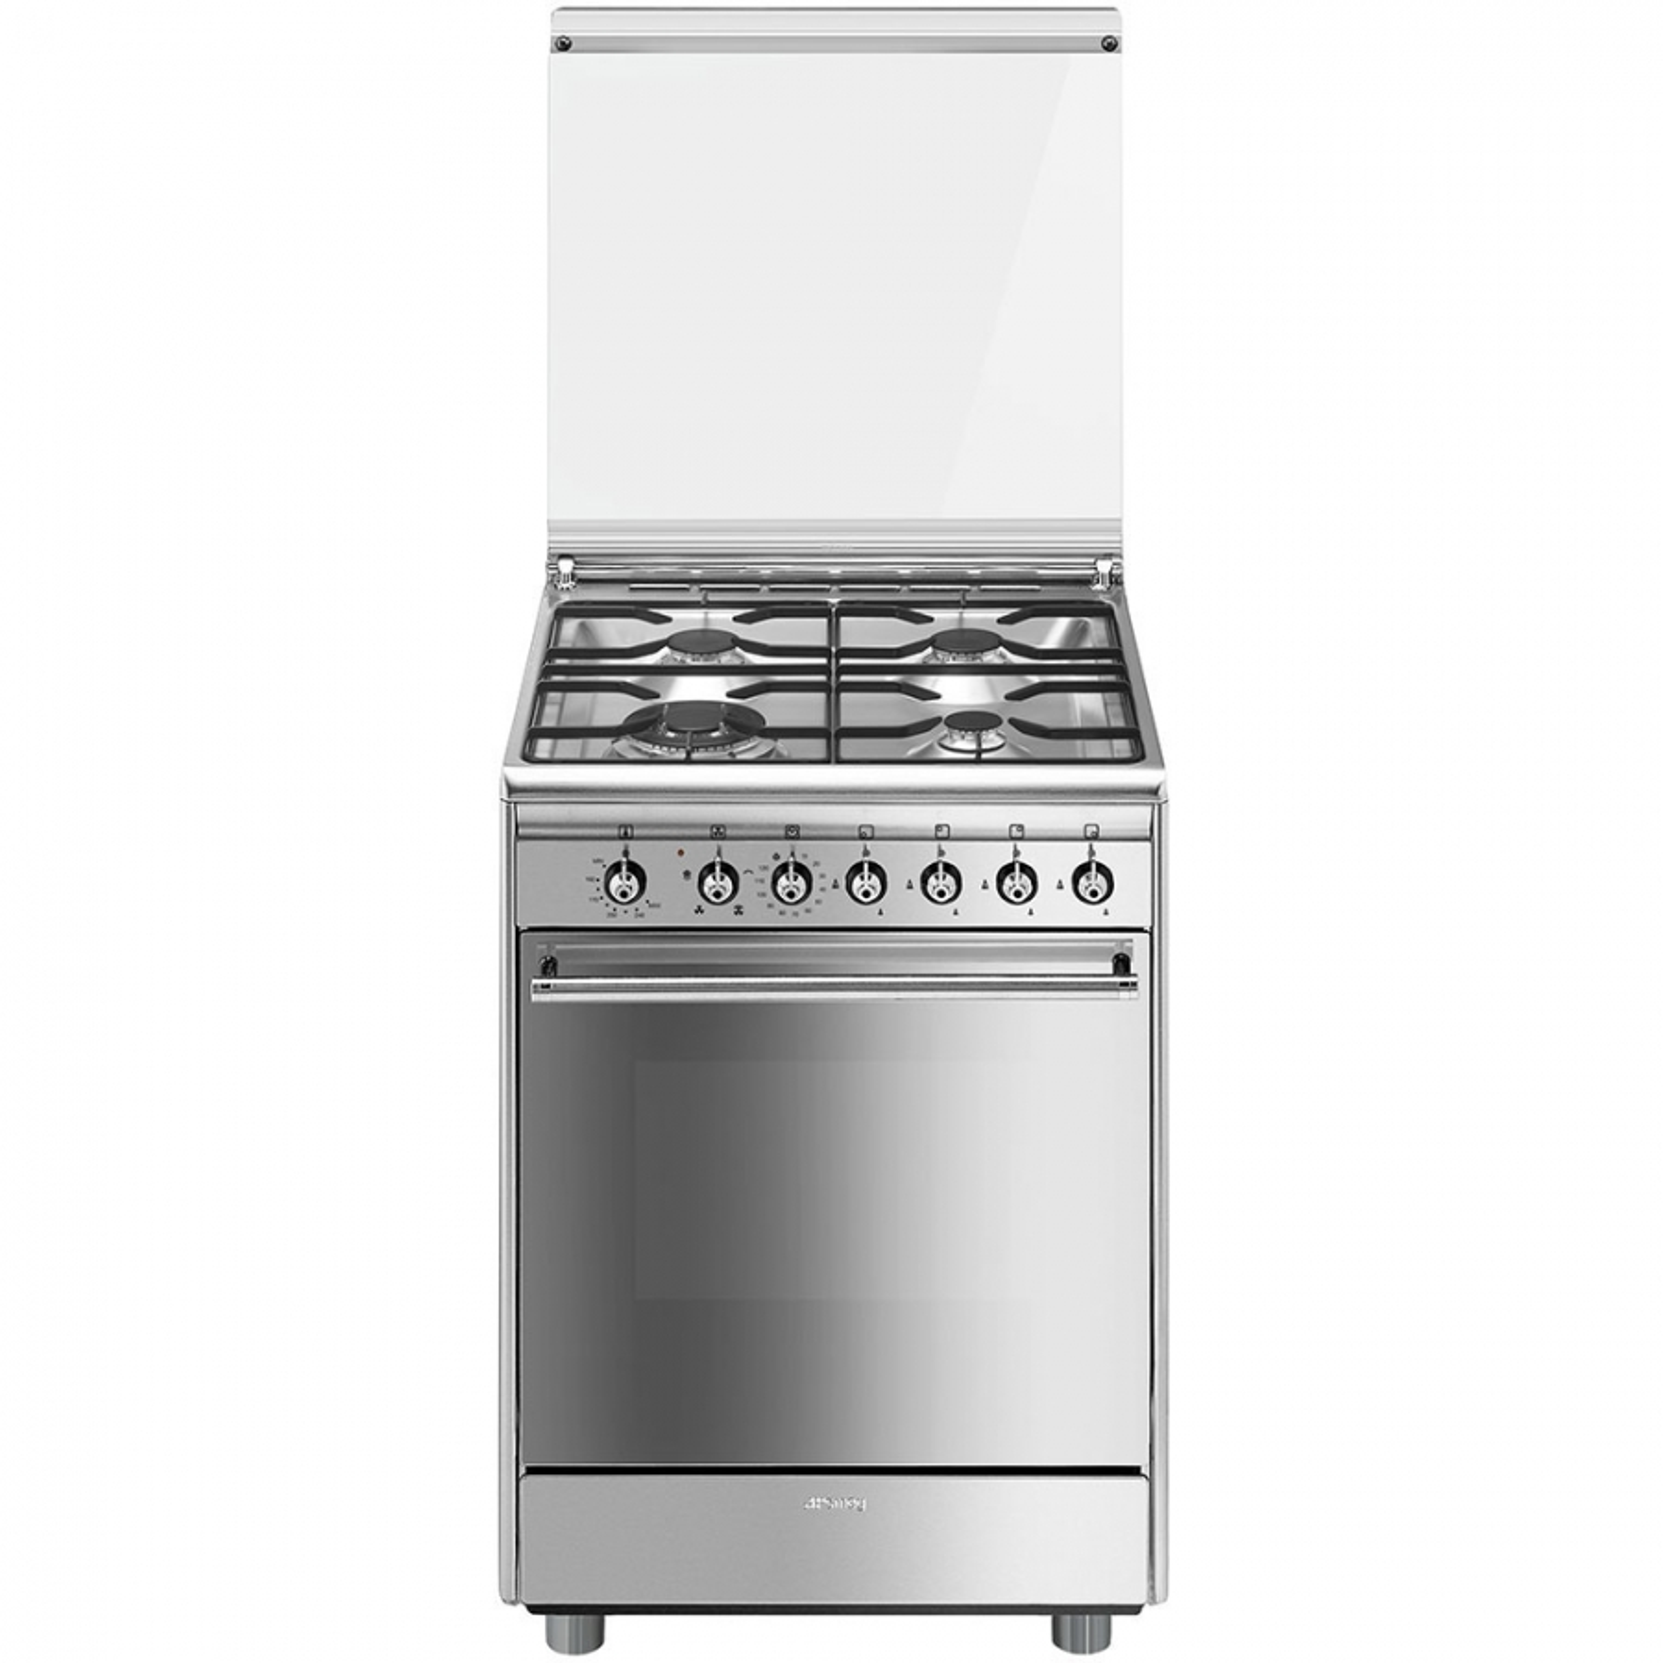 Cucina smeg cx61gv9 4 fuochi a gas forno a gas dimensione 60 x 60cm colore inox classe a - Cucina a gas smeg ...